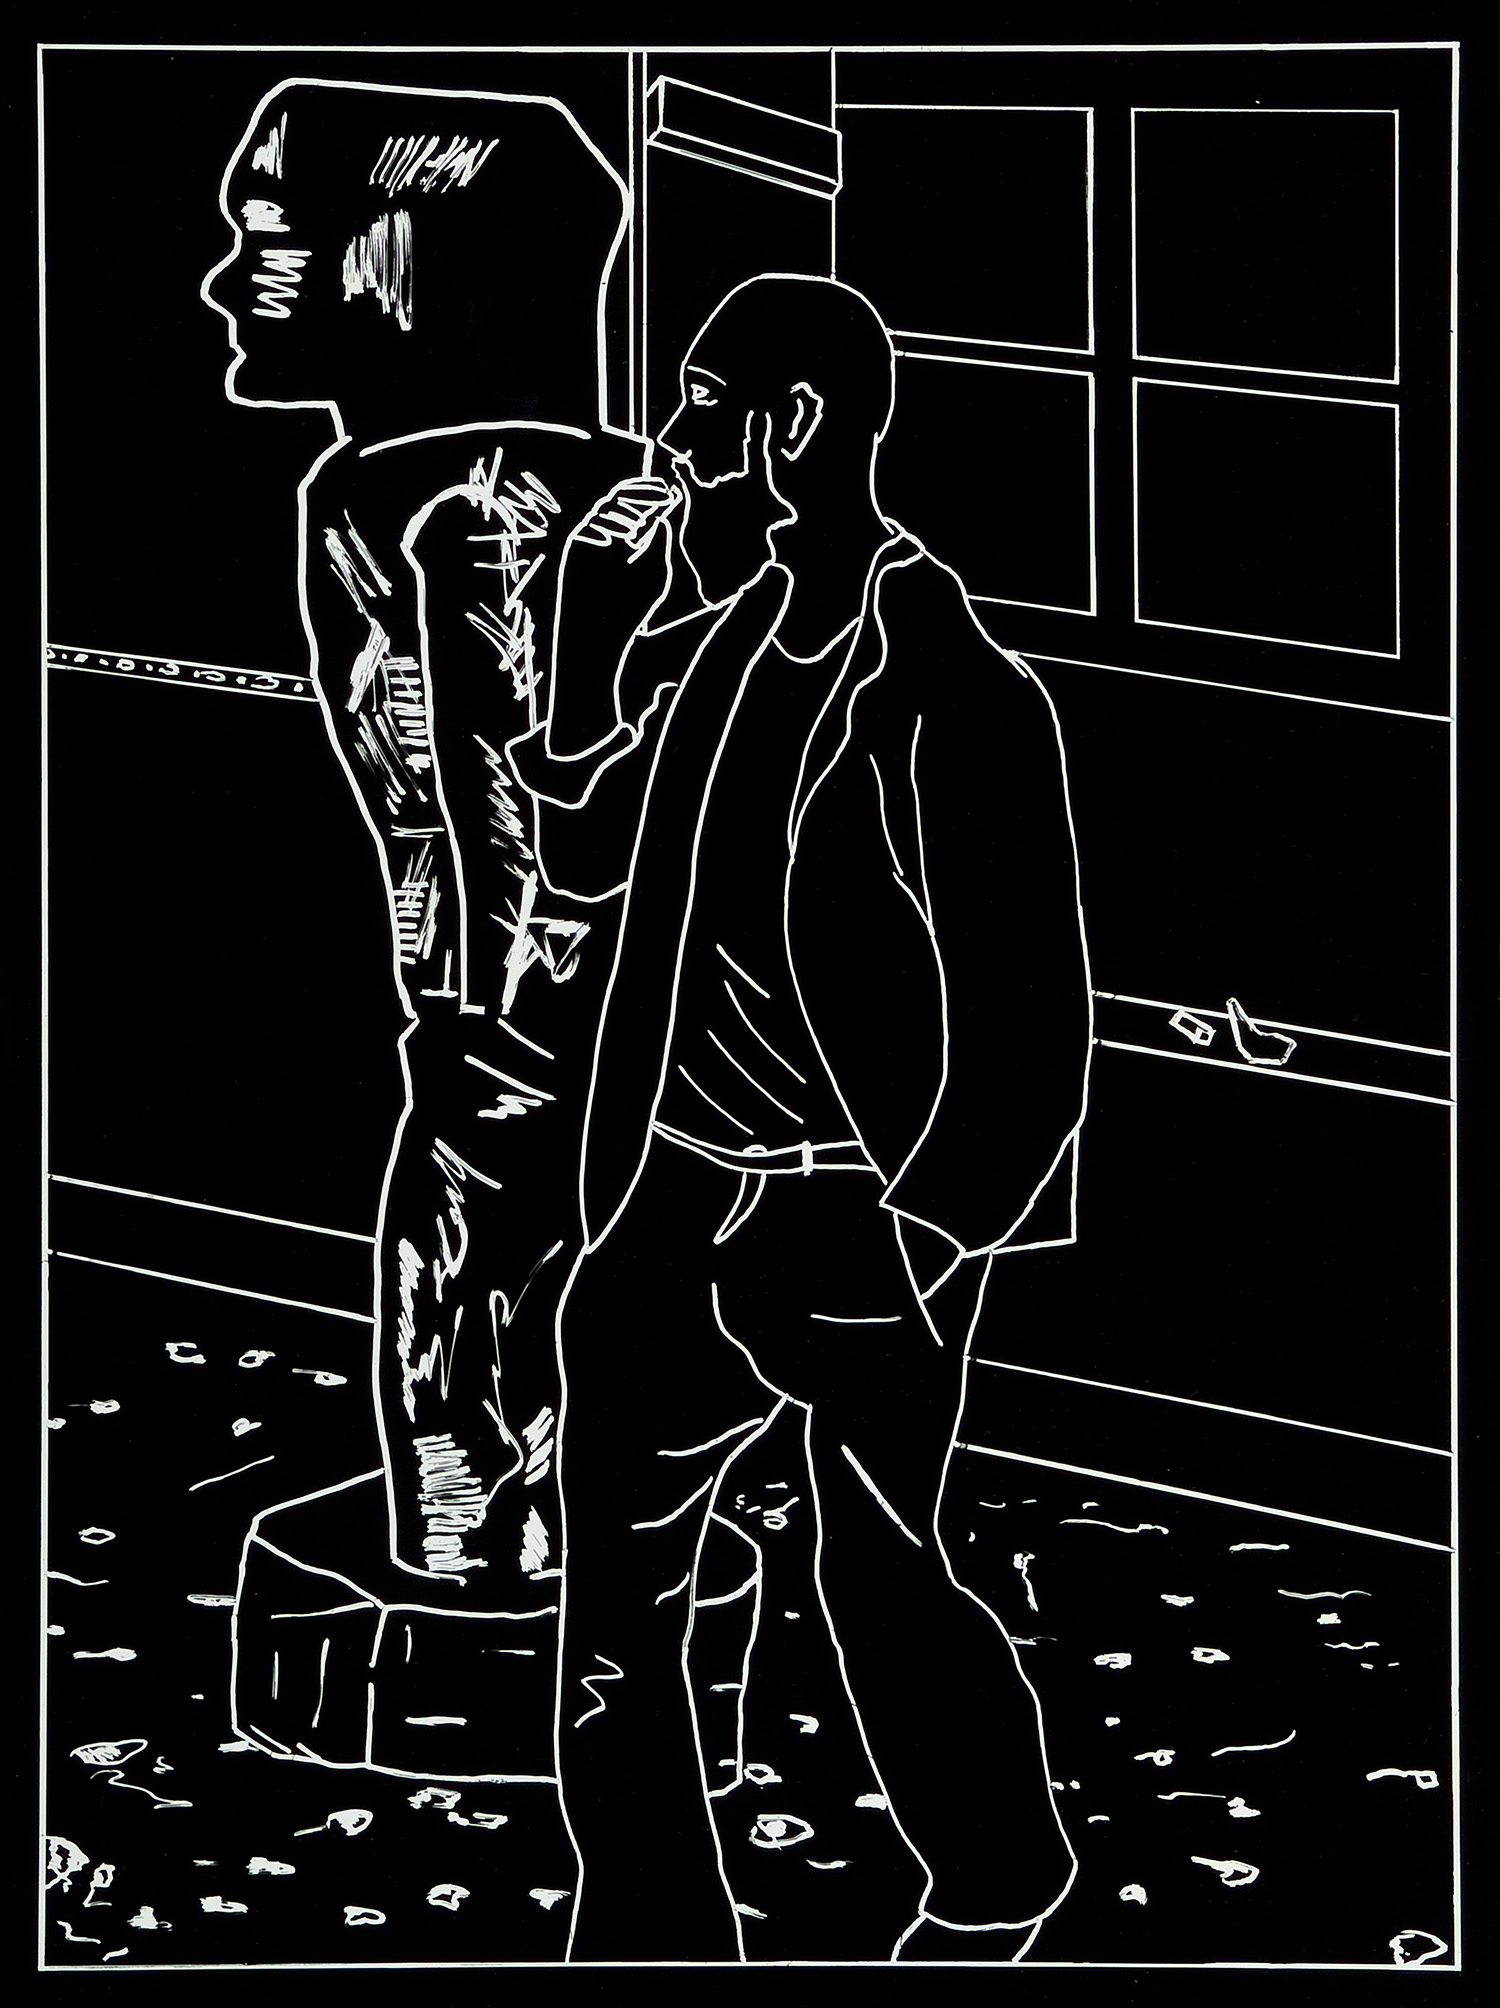 Der Besuch (8) | 1993 | Photogramm | 46,5 x 35,5 cm